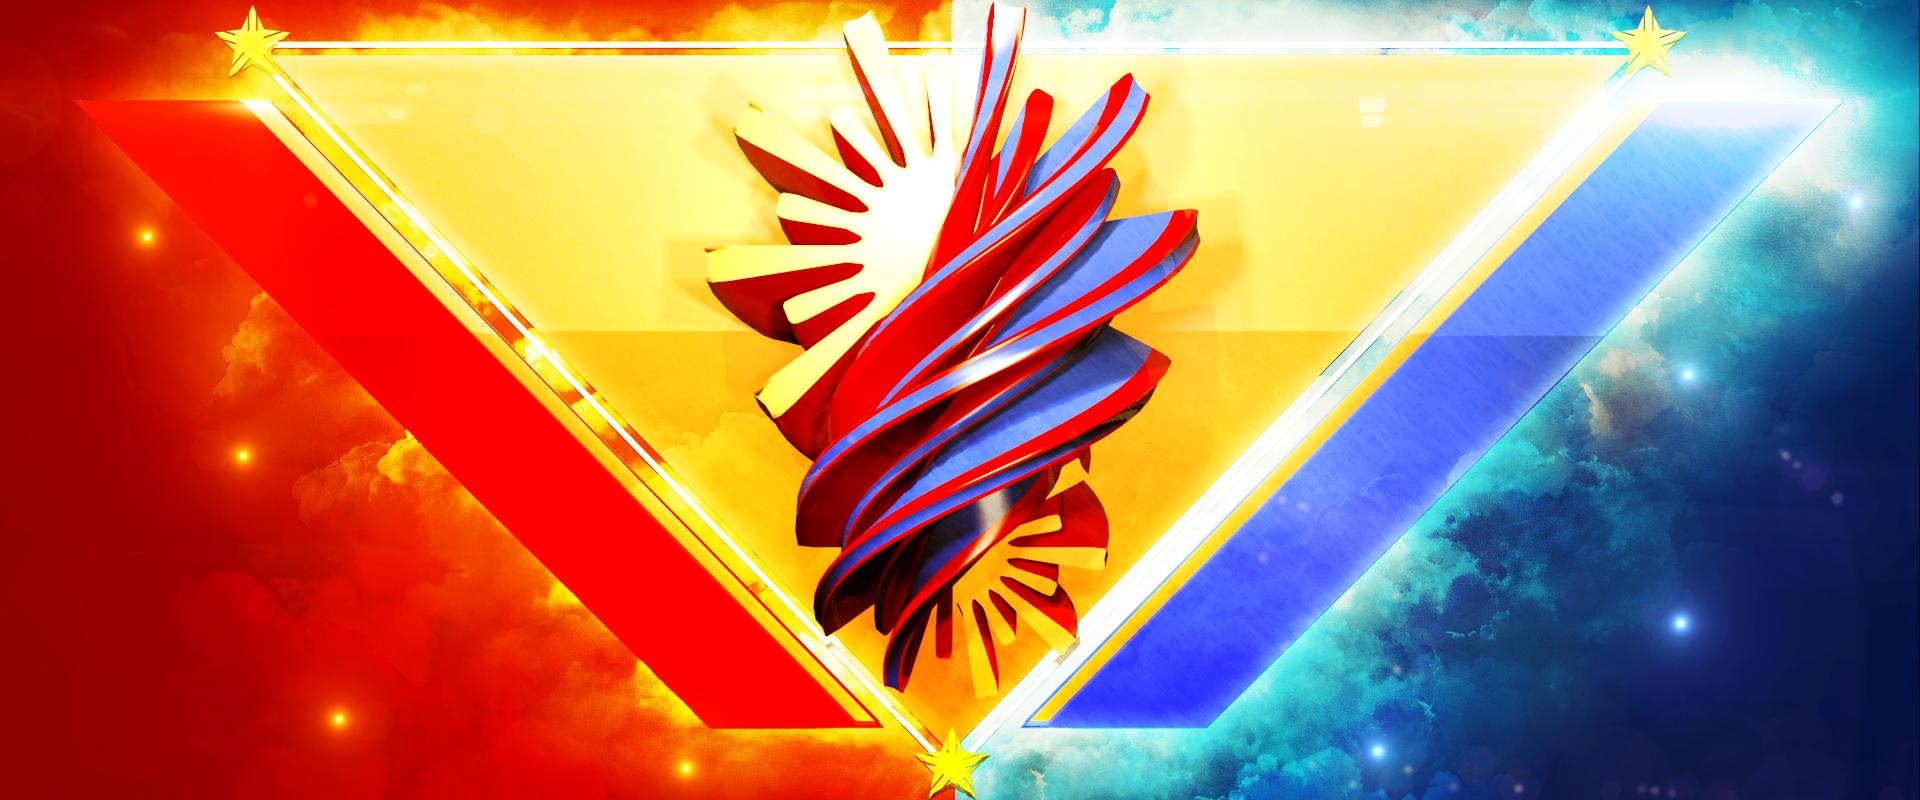 Pilipinas By Acerex On Deviantart